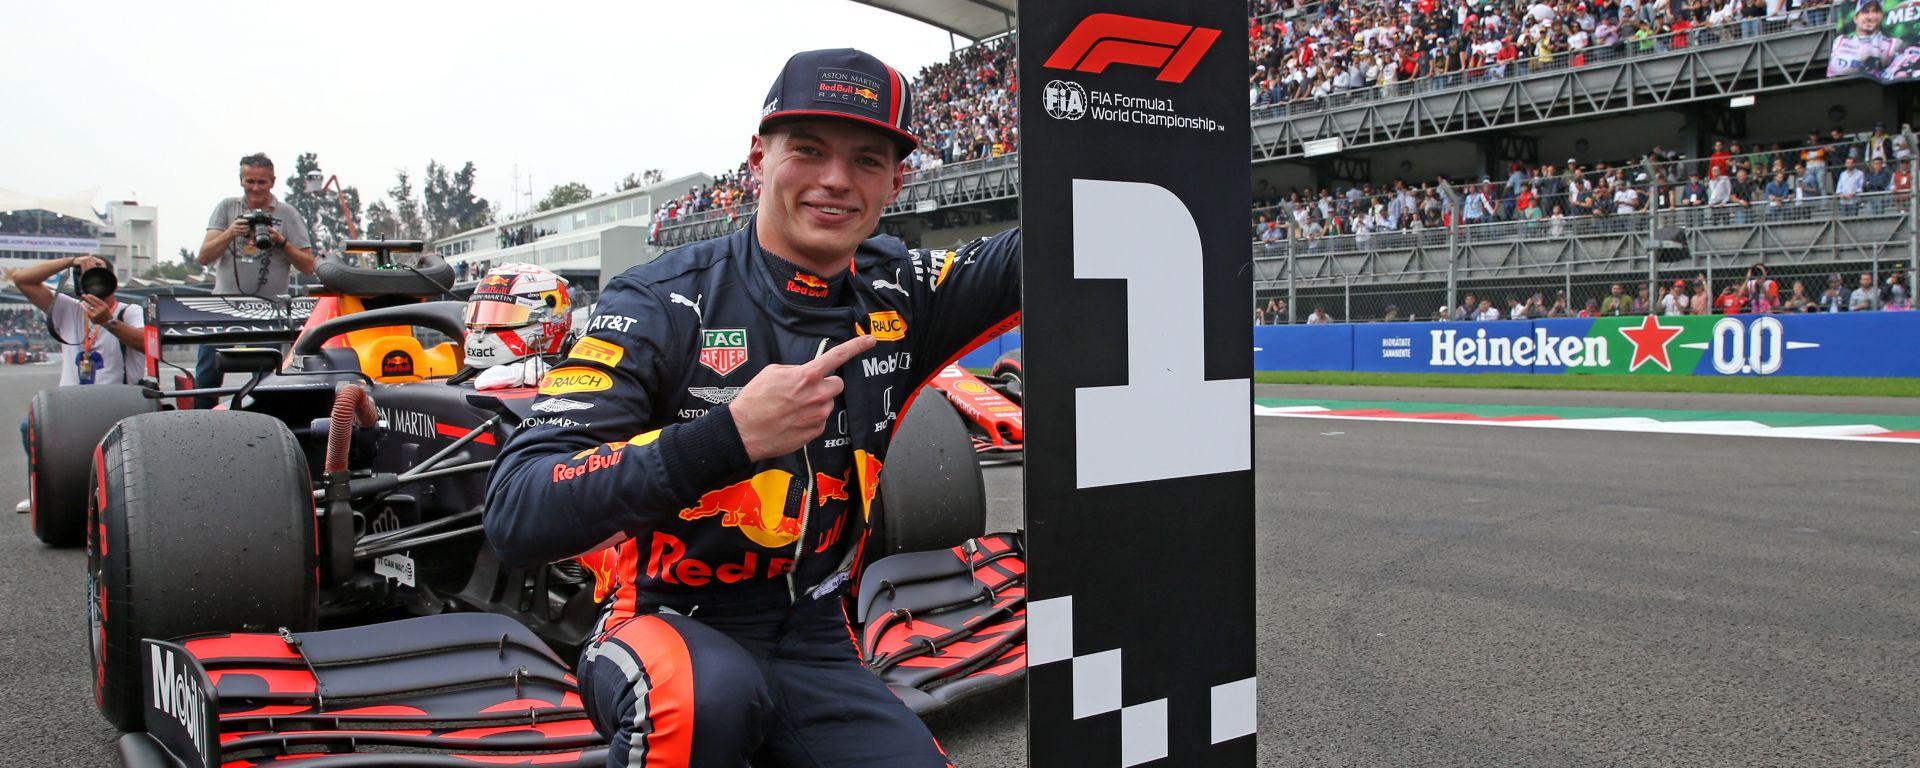 F1 GP Messico 2019, Città del Messico: Max Verstappen (Red Bull) è il poleman